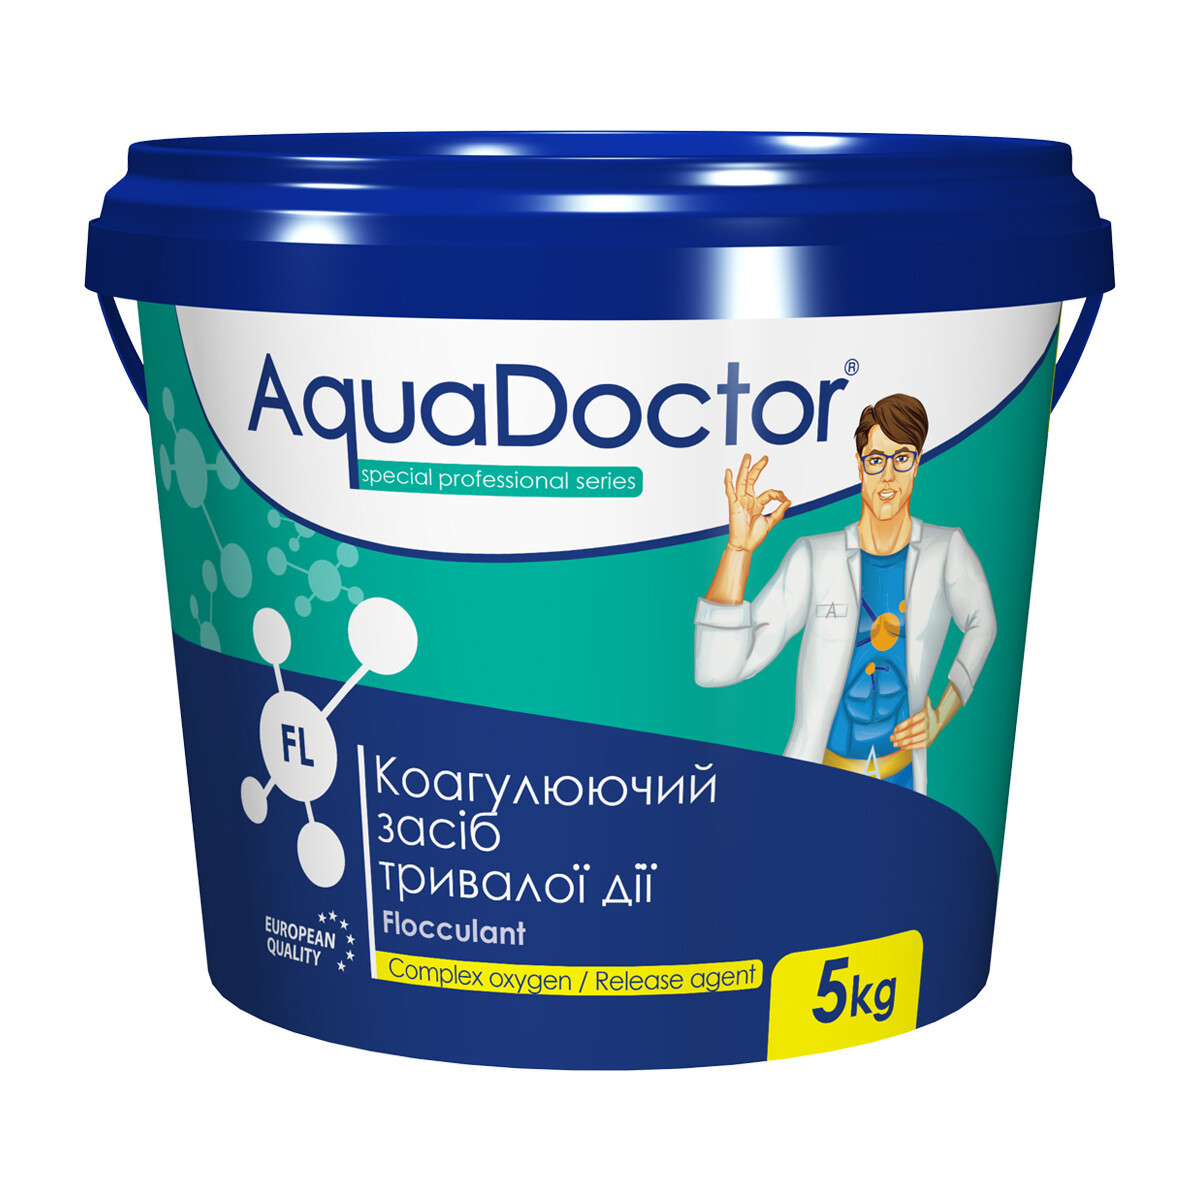 Флокулянт гранульований - засіб від помутніння, AquaDoctor, 5кг